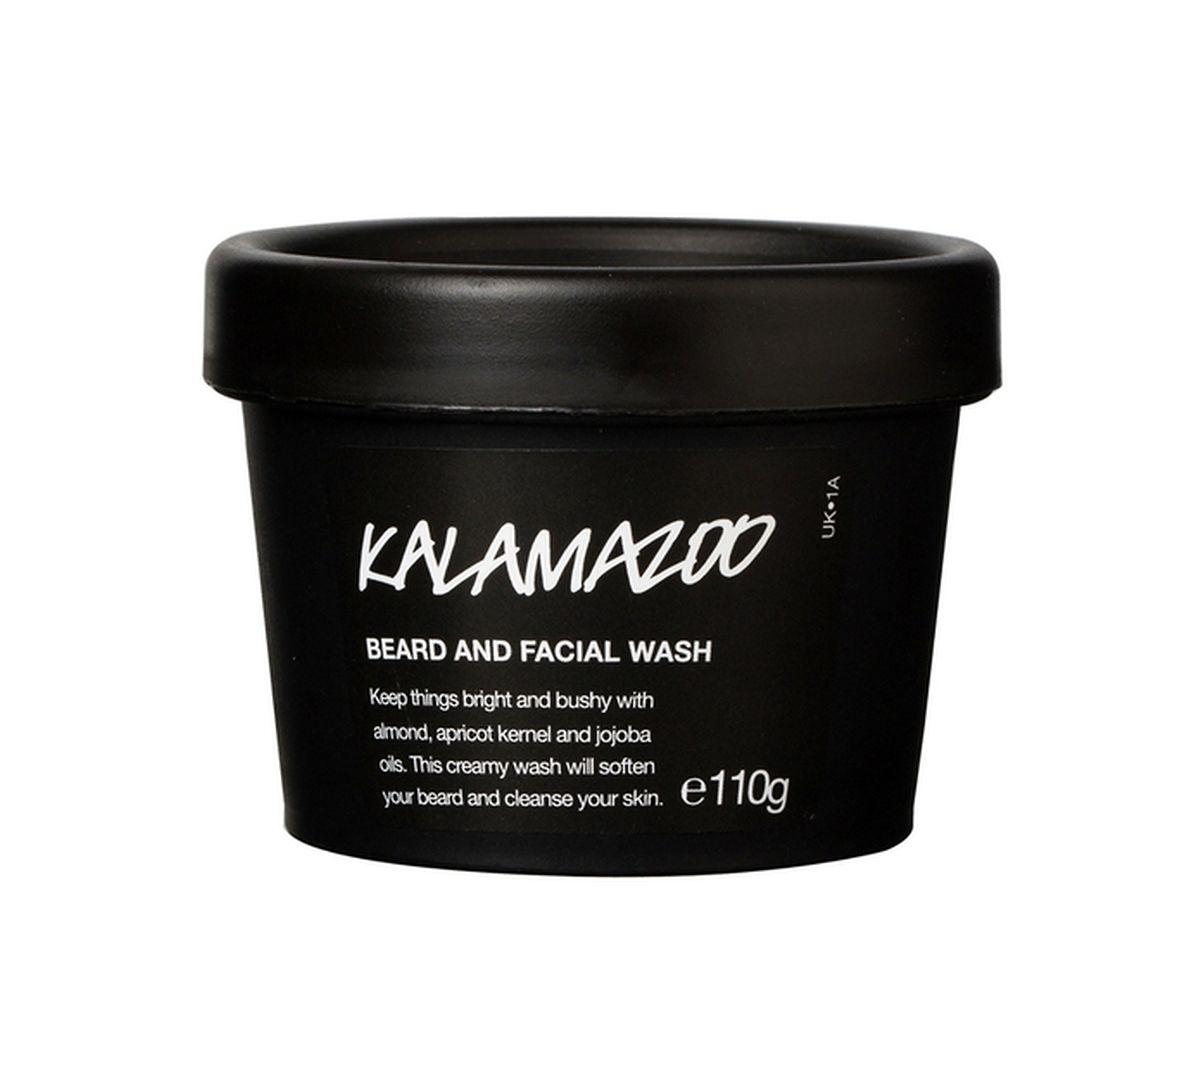 """Reinigungscreme """"Kalamazoo"""" von Lush für Bart und Gesicht, 100 g um 11 Euro."""